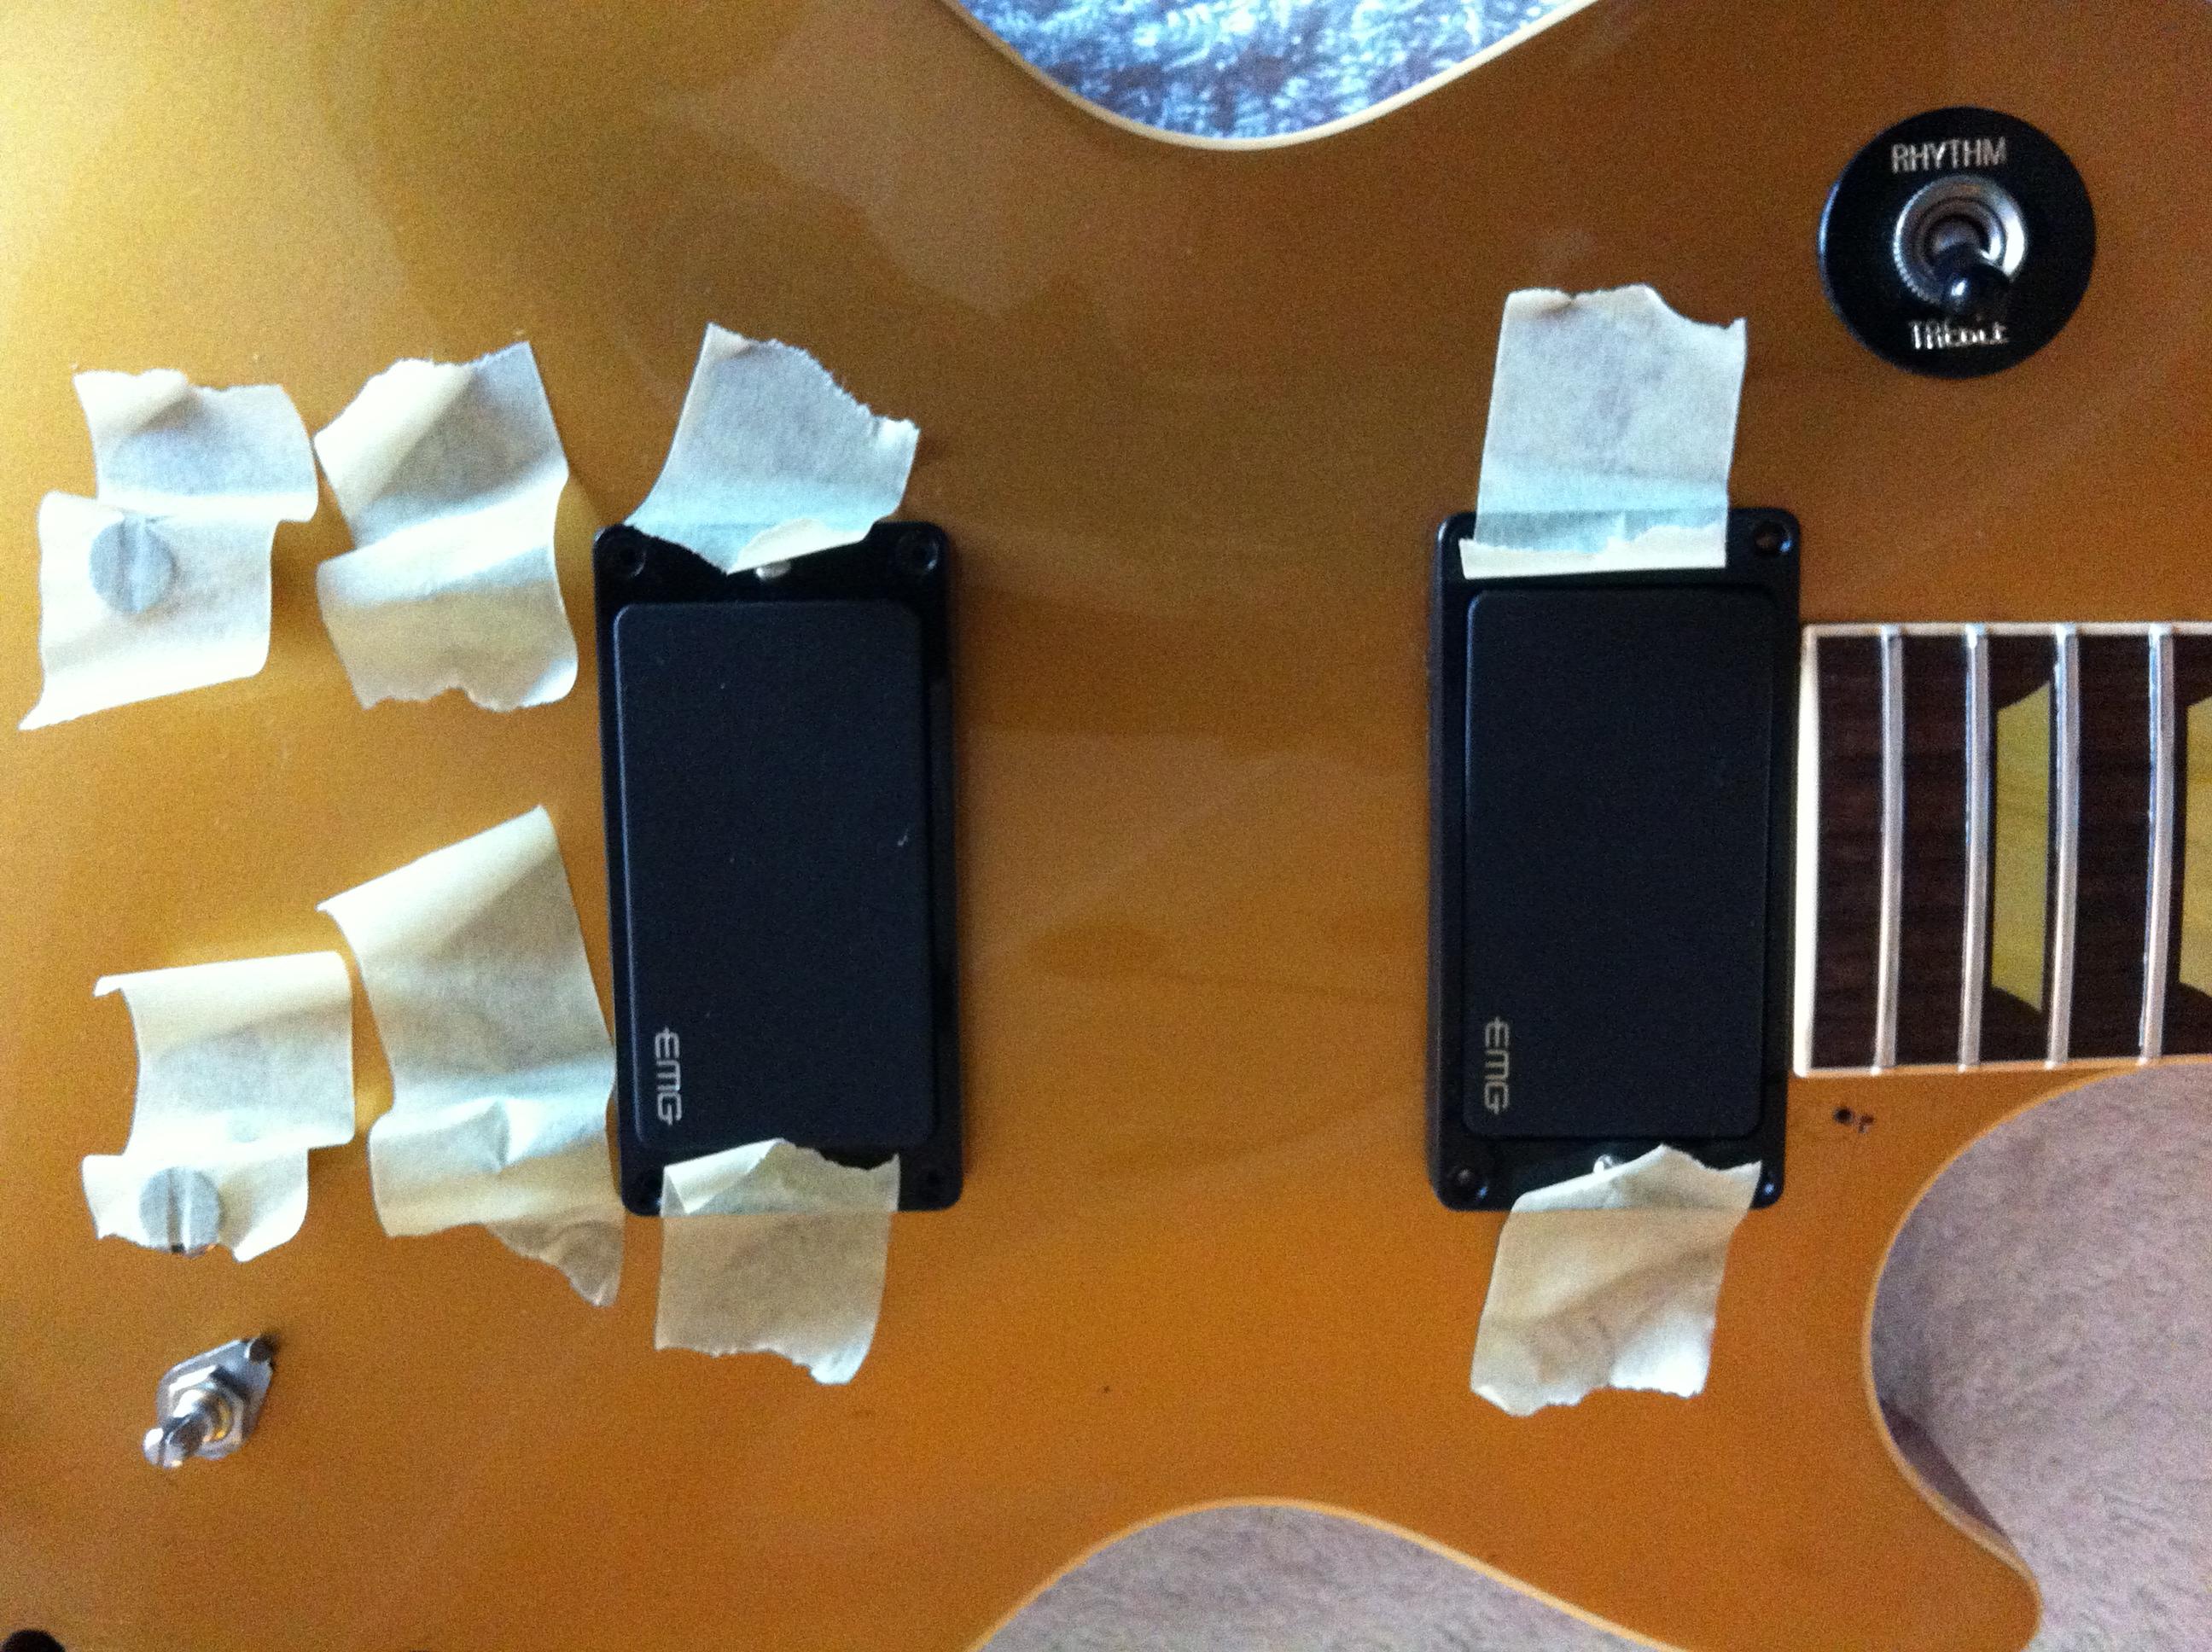 Les Paul Emg 81 85 Wiring Car Fuse Box Diagram How To Install Hz Pickup Classic Conversion Ade Phazy S Guitar Blog Rh Adephazy Com